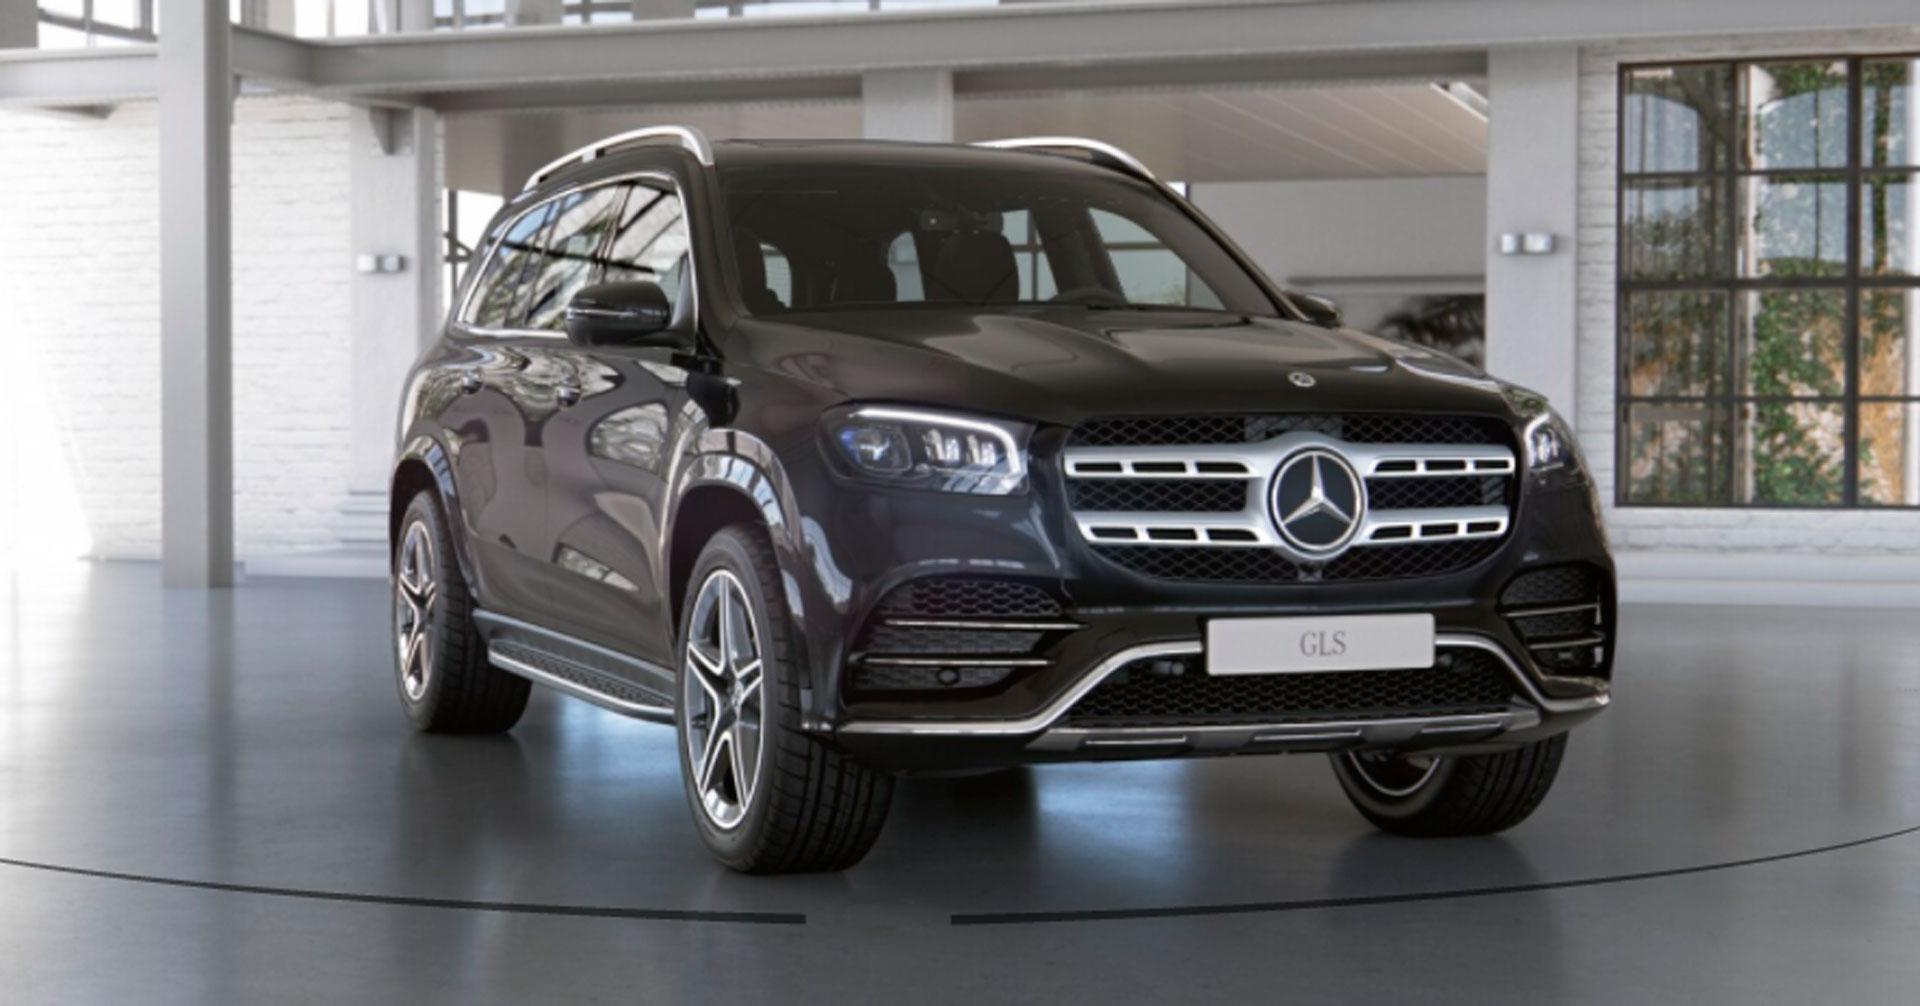 Mercedes-Benz GLS-Class 0152632032